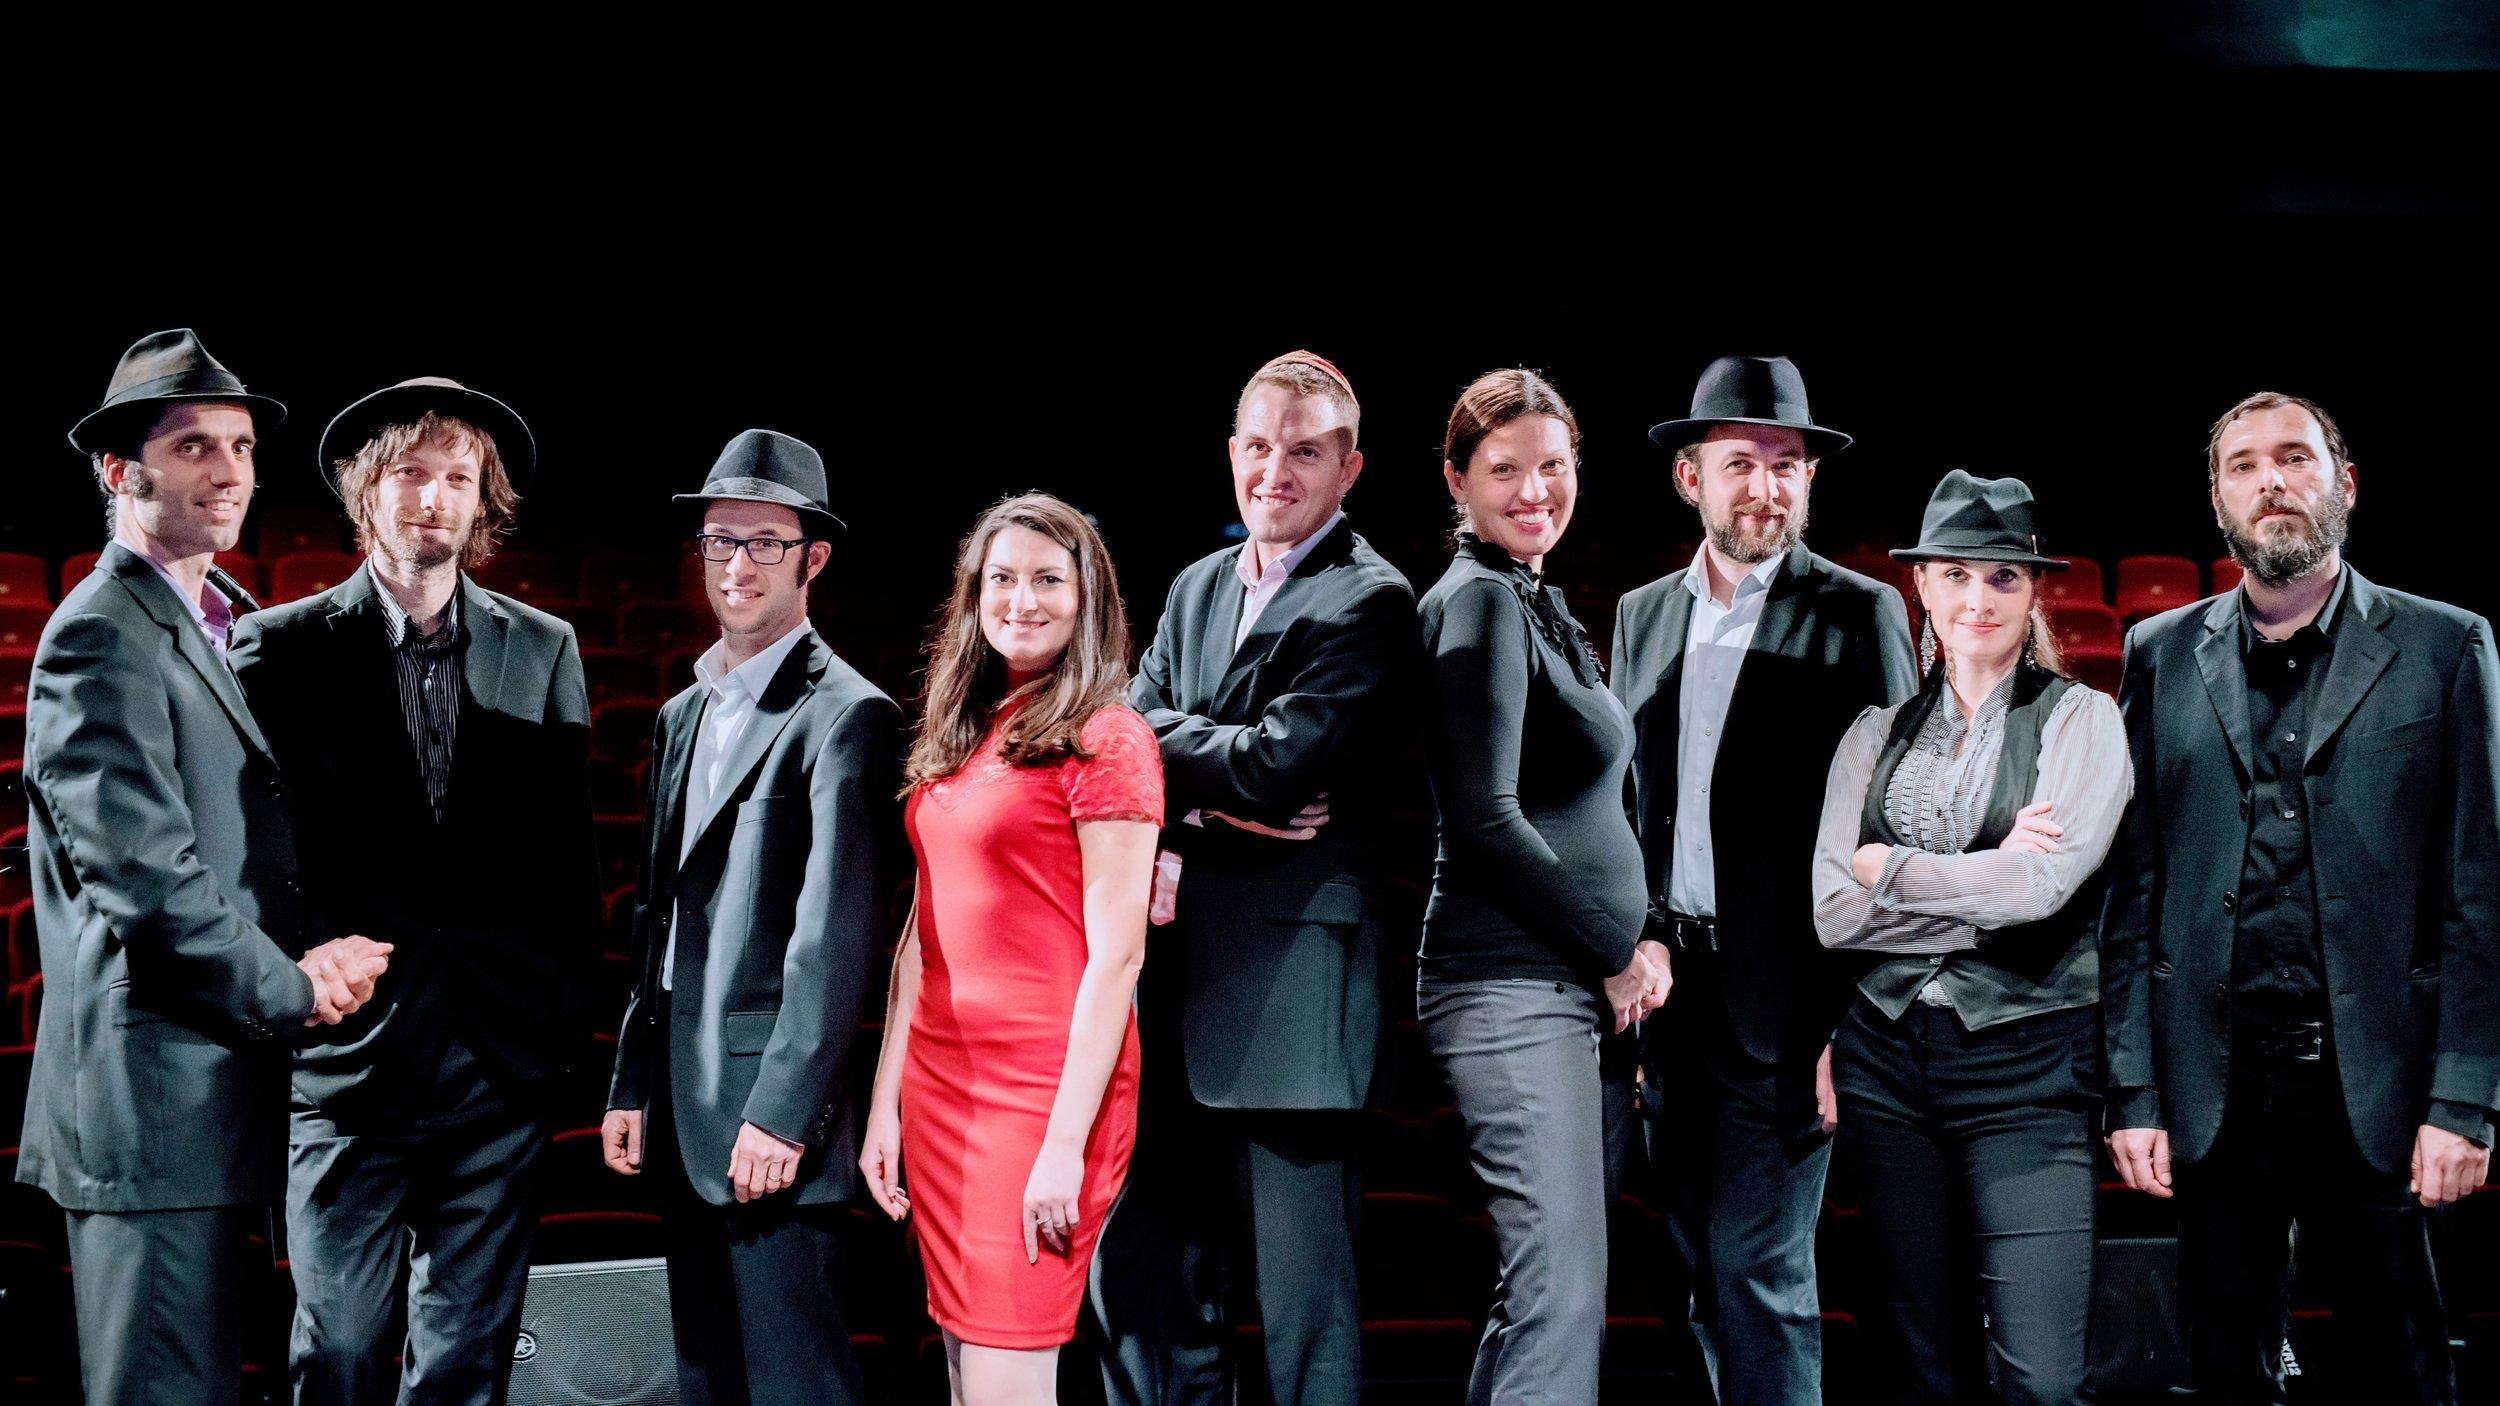 Pressburger_Klezmer Band2.jpg